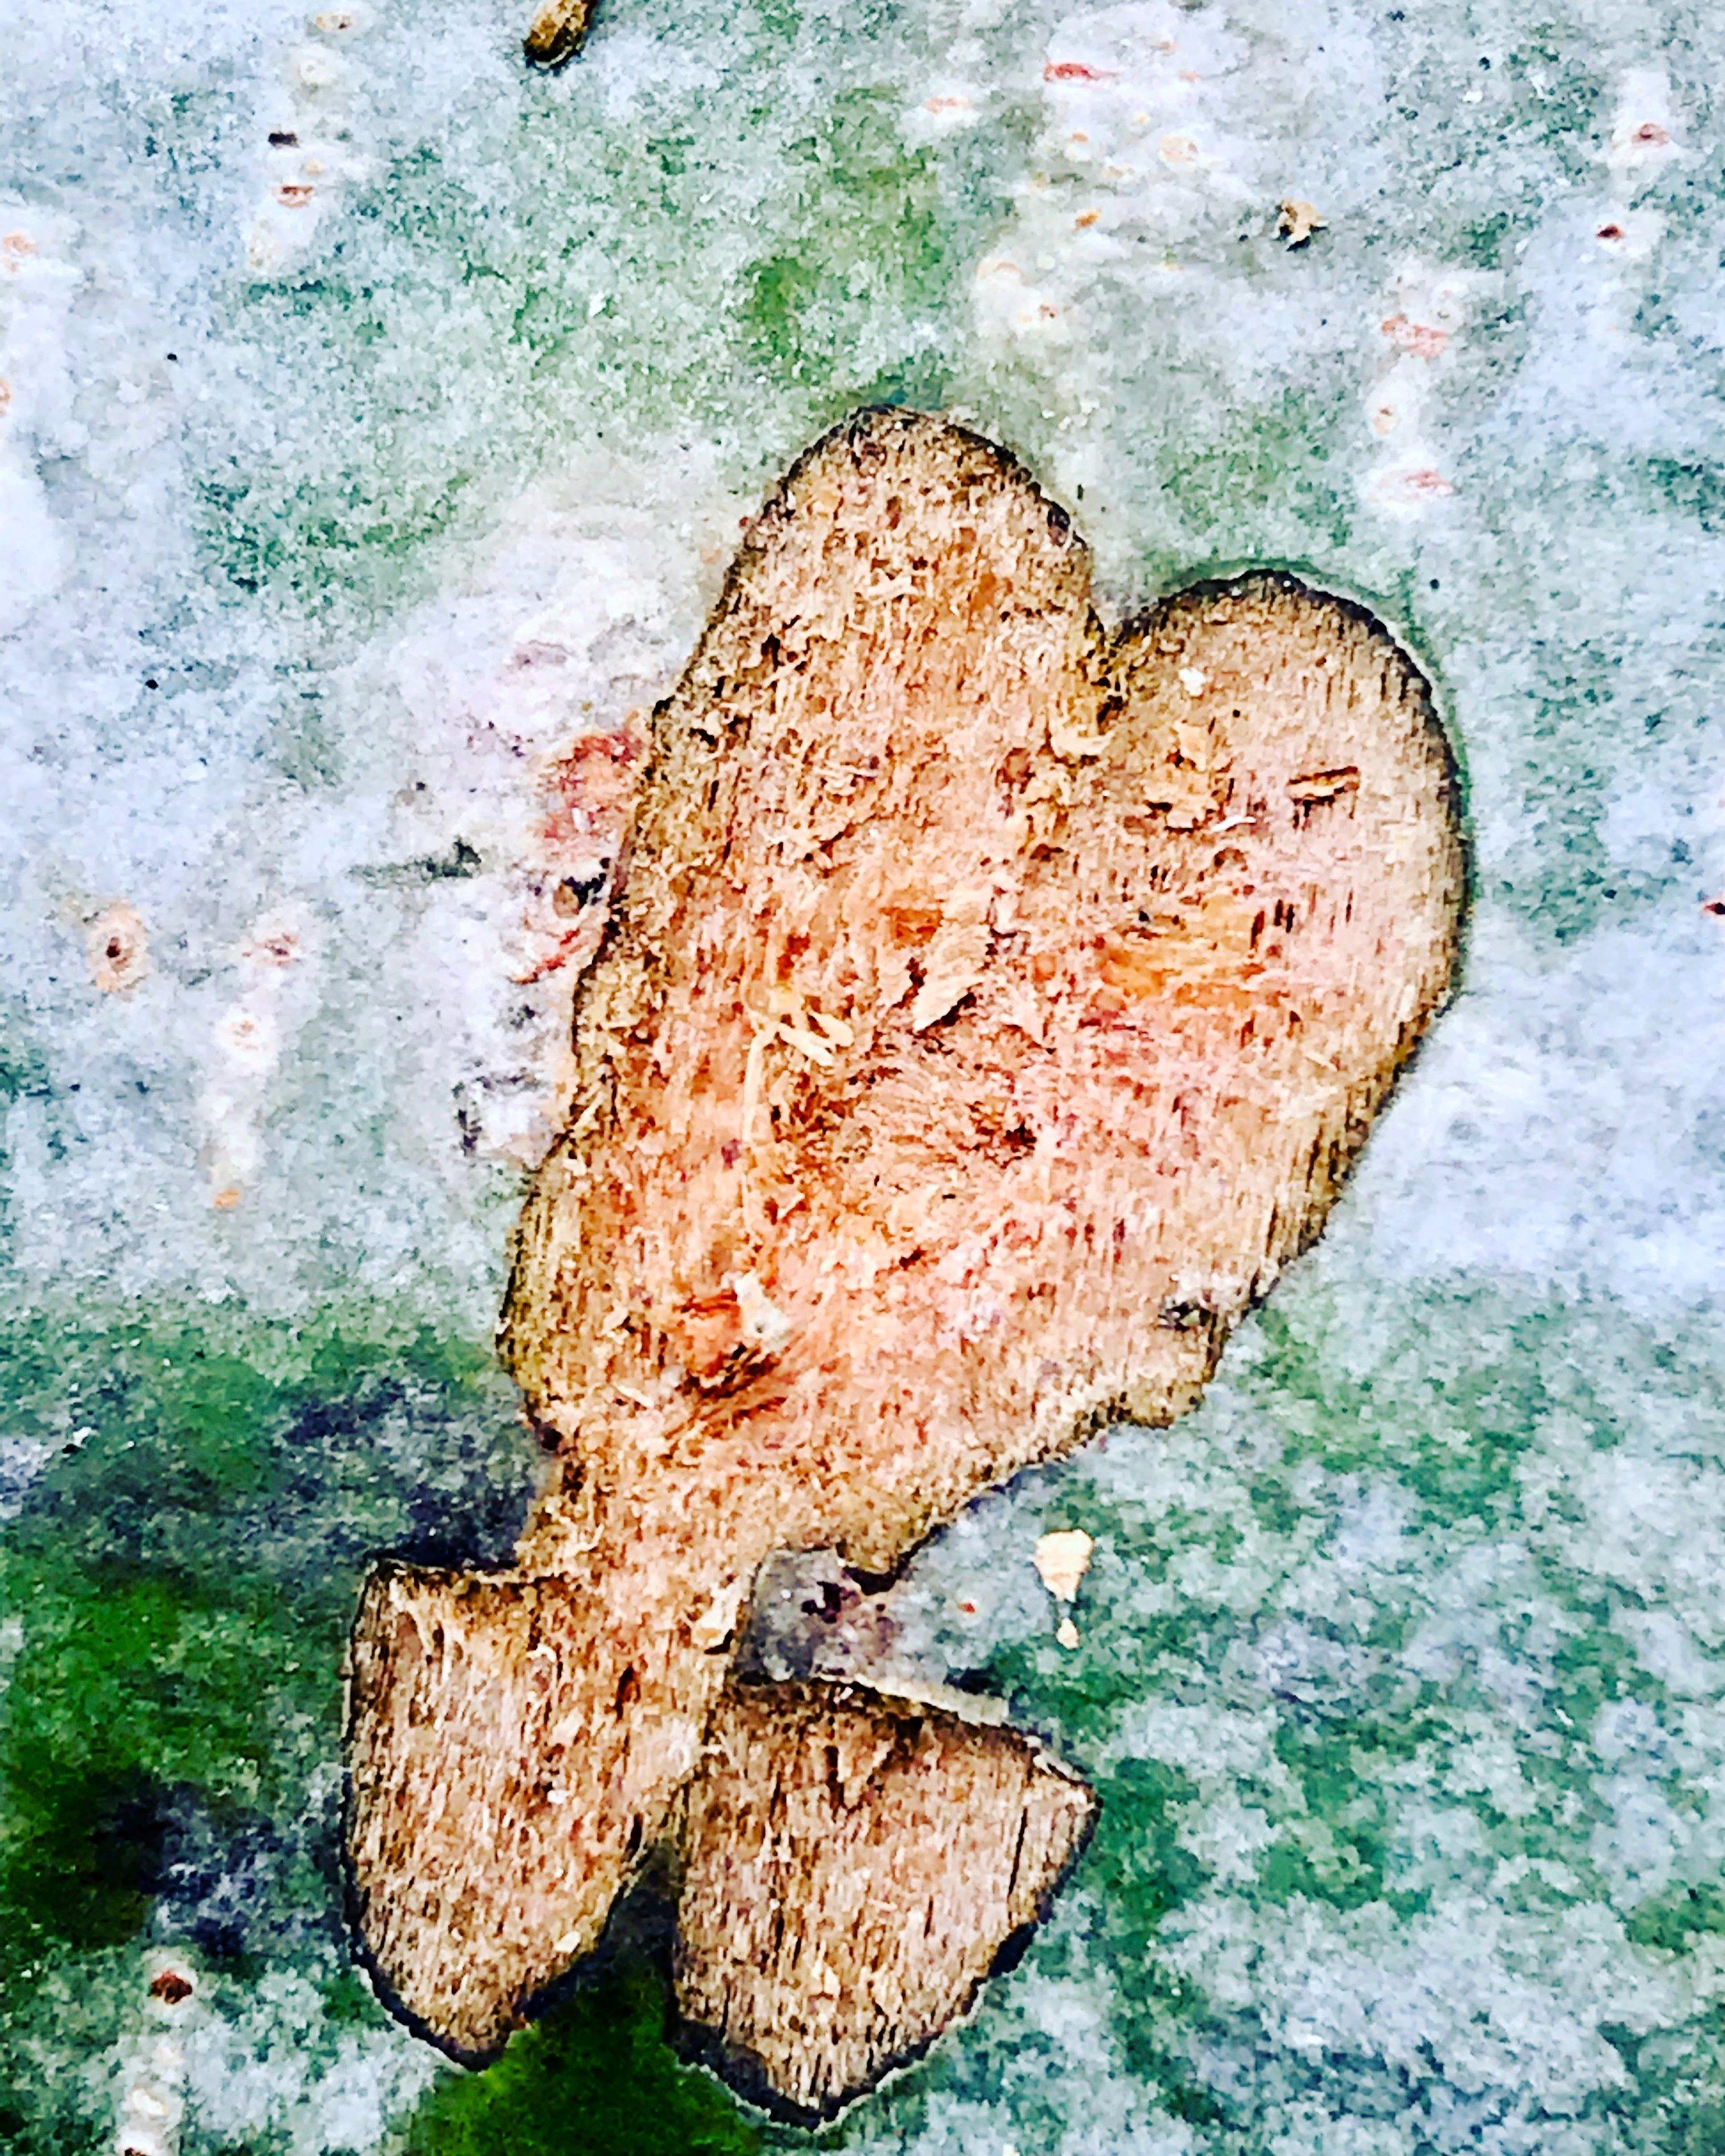 Tree bark eart